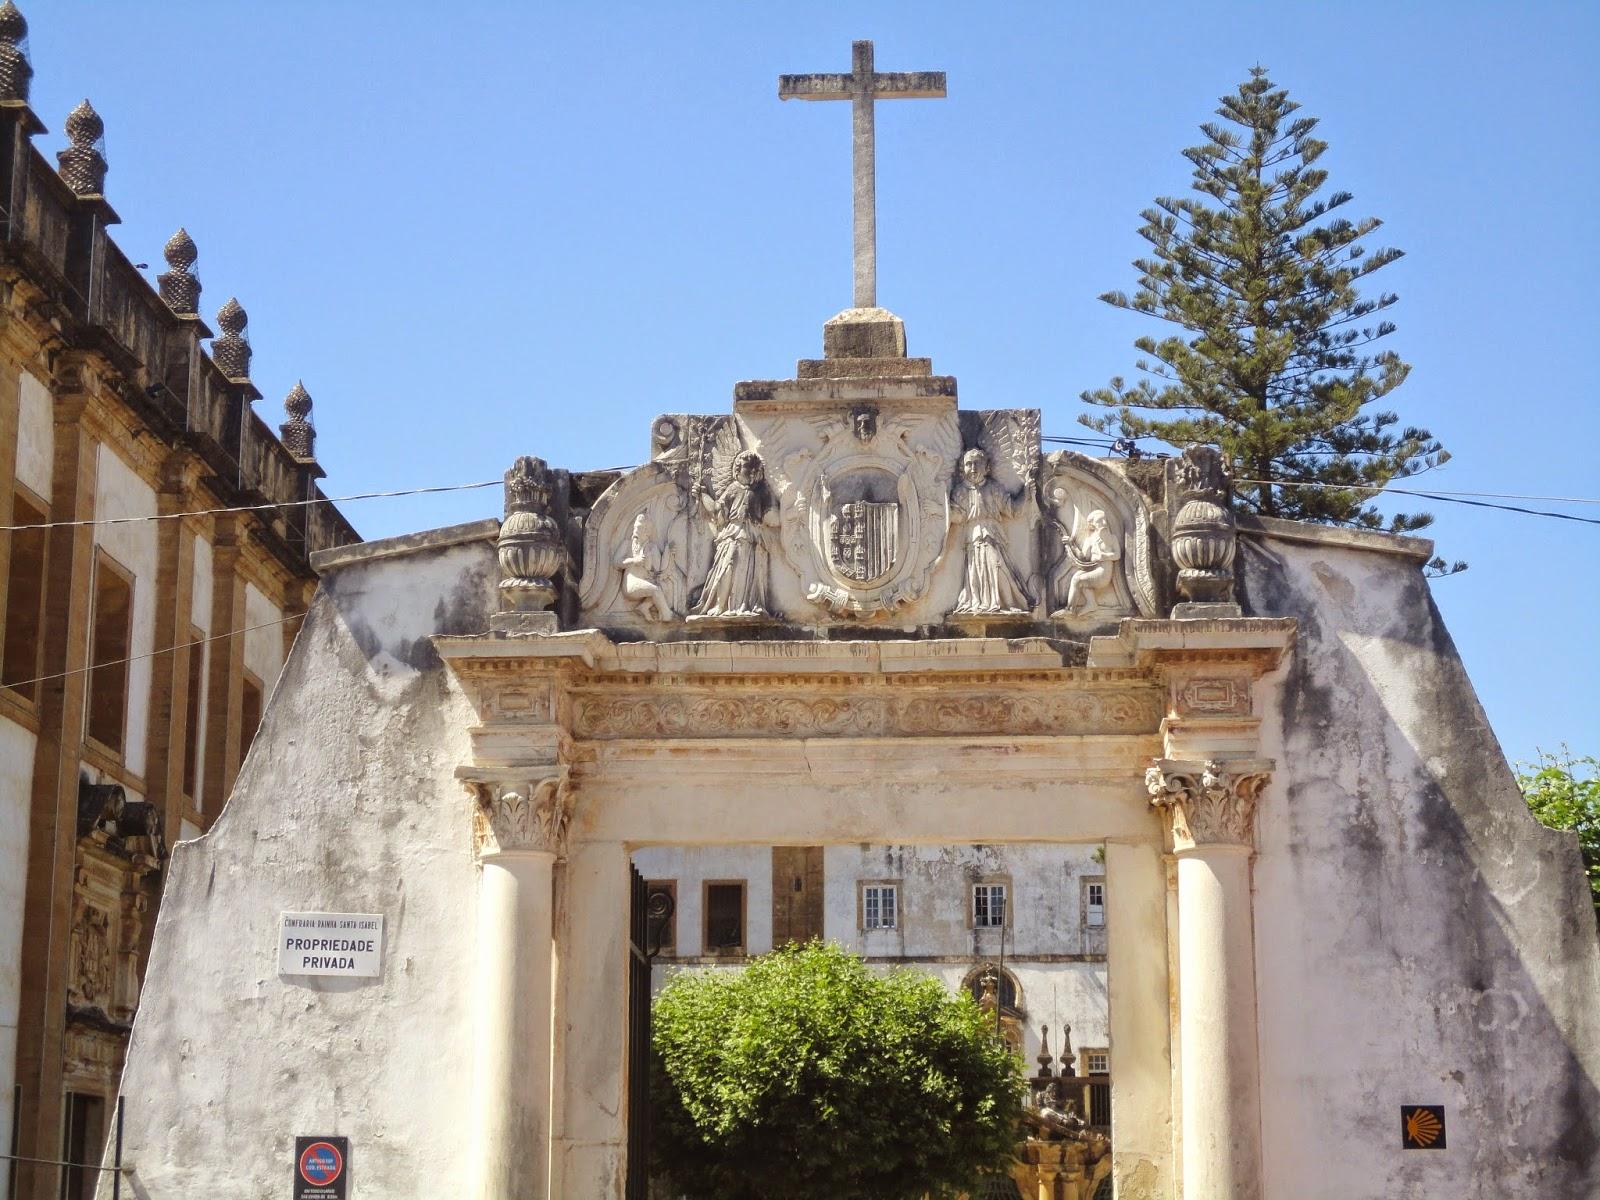 Cosa vedere in un giorno a Coimbra, la città universitaria delle Beiras